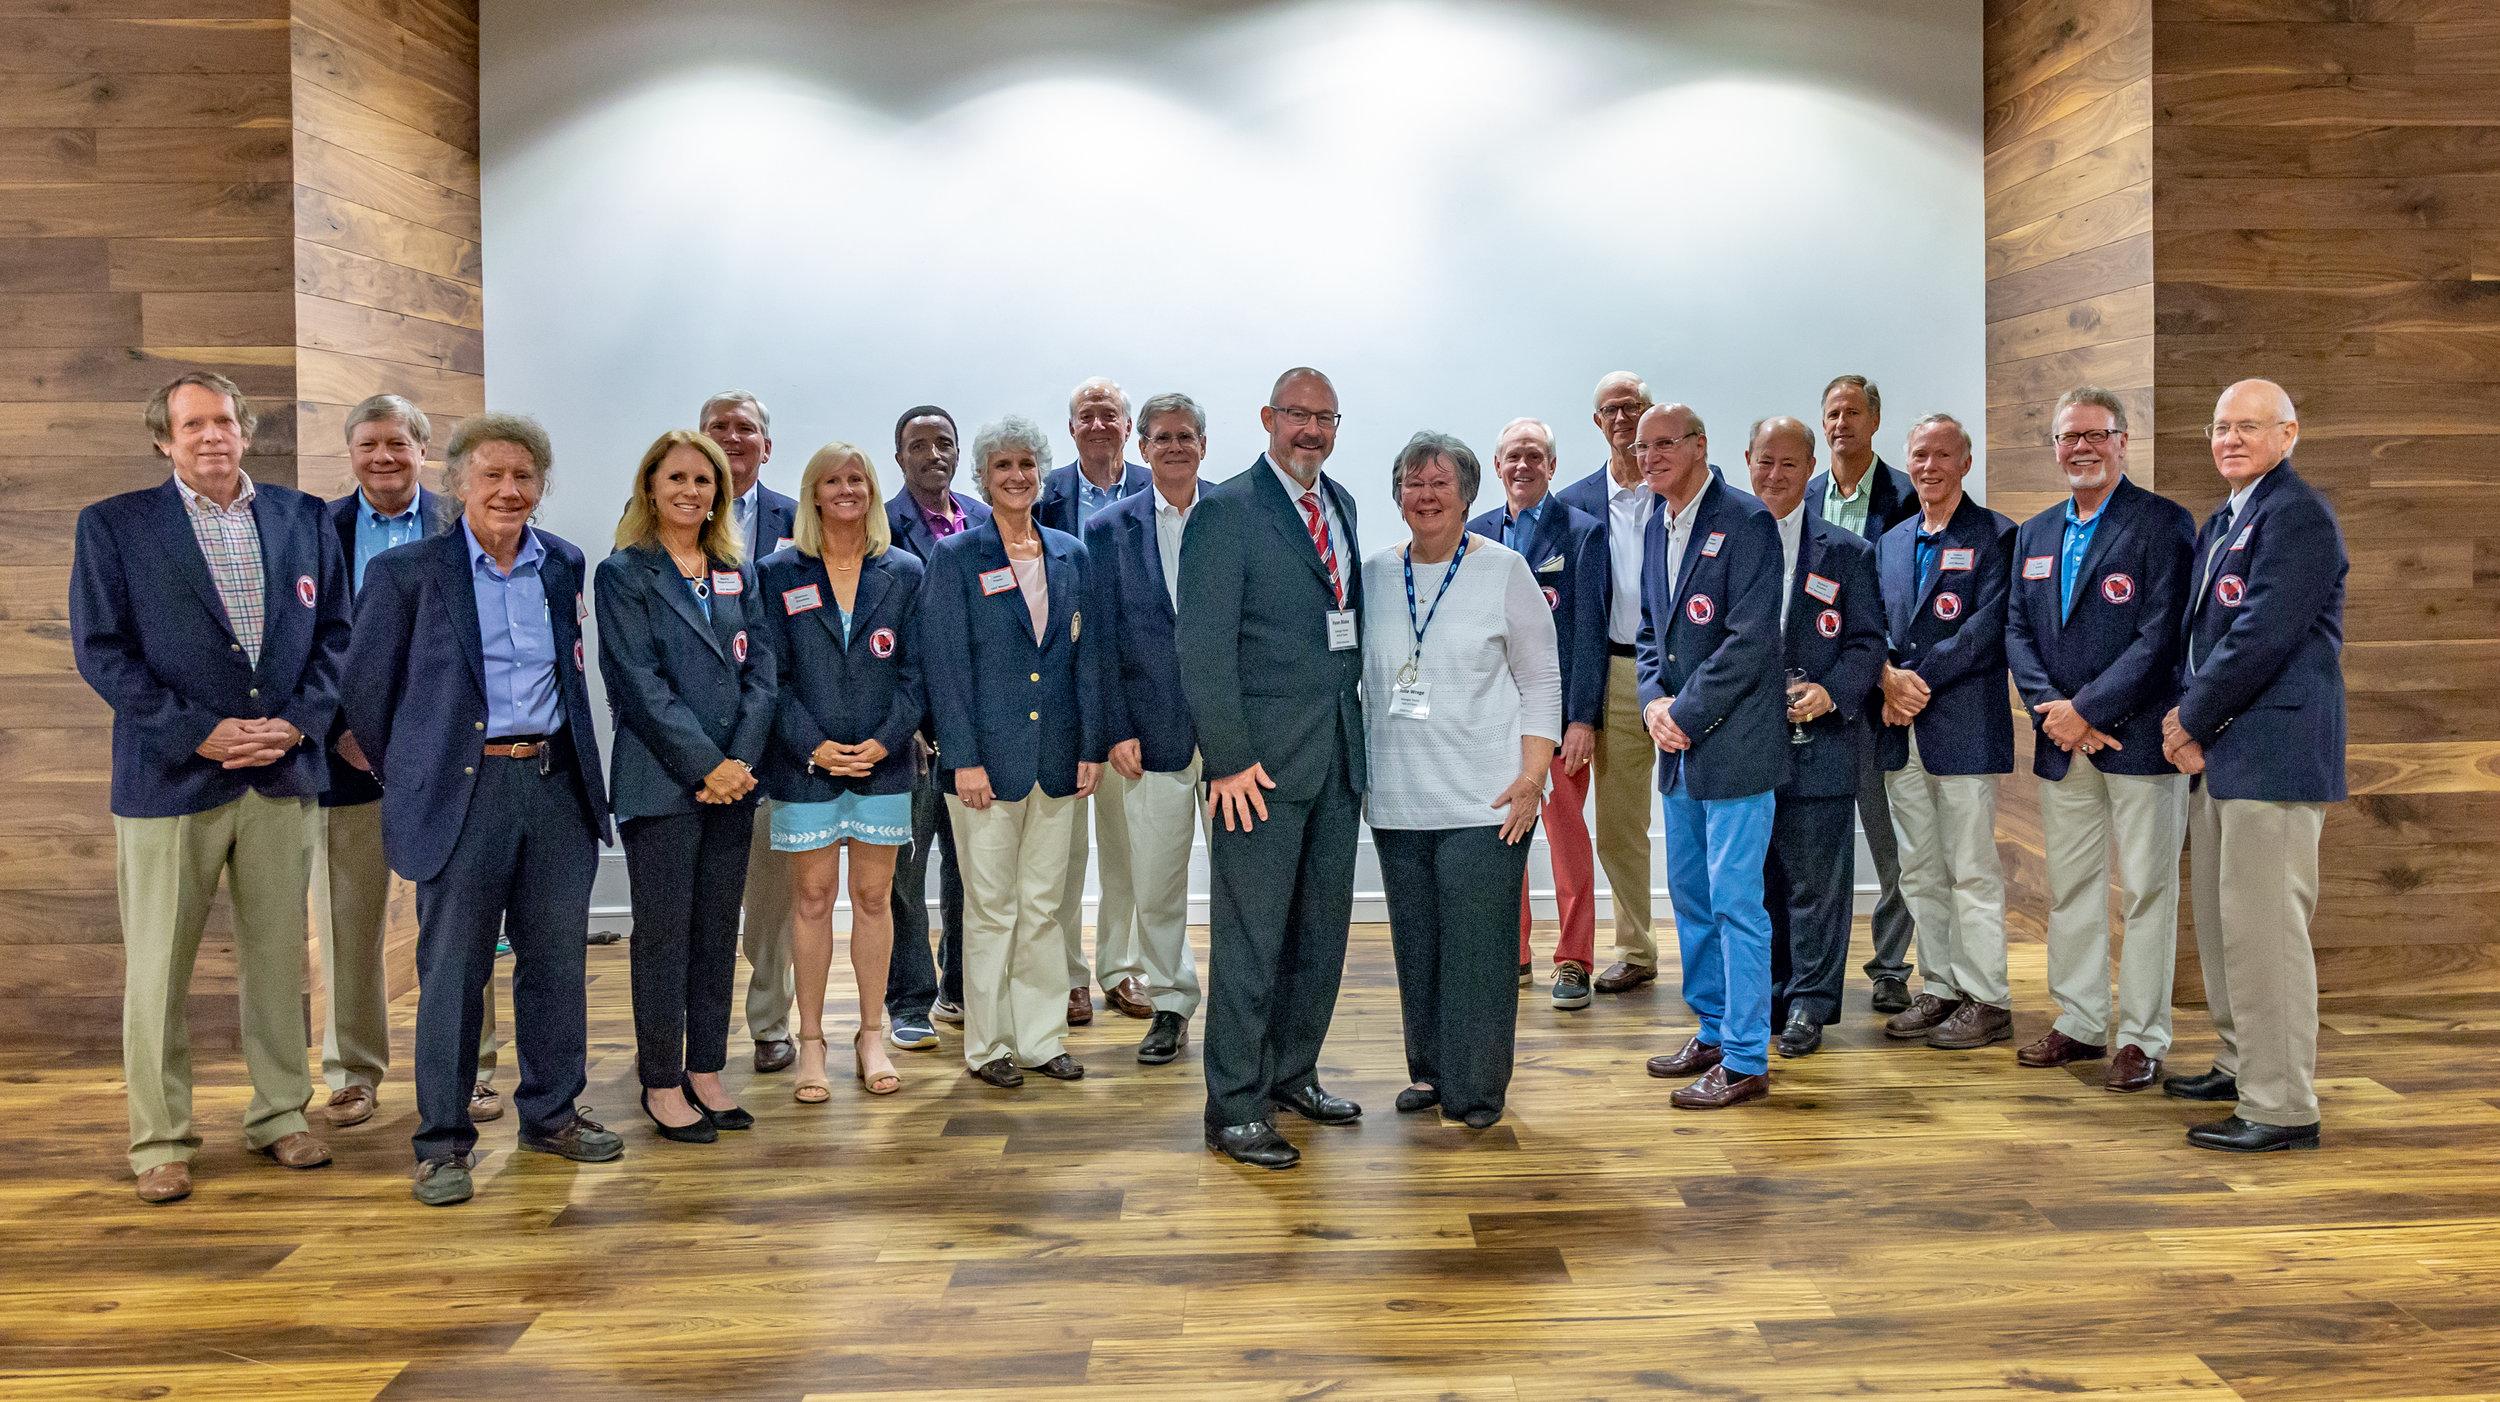 Hall of Fame Group Photo.jpg